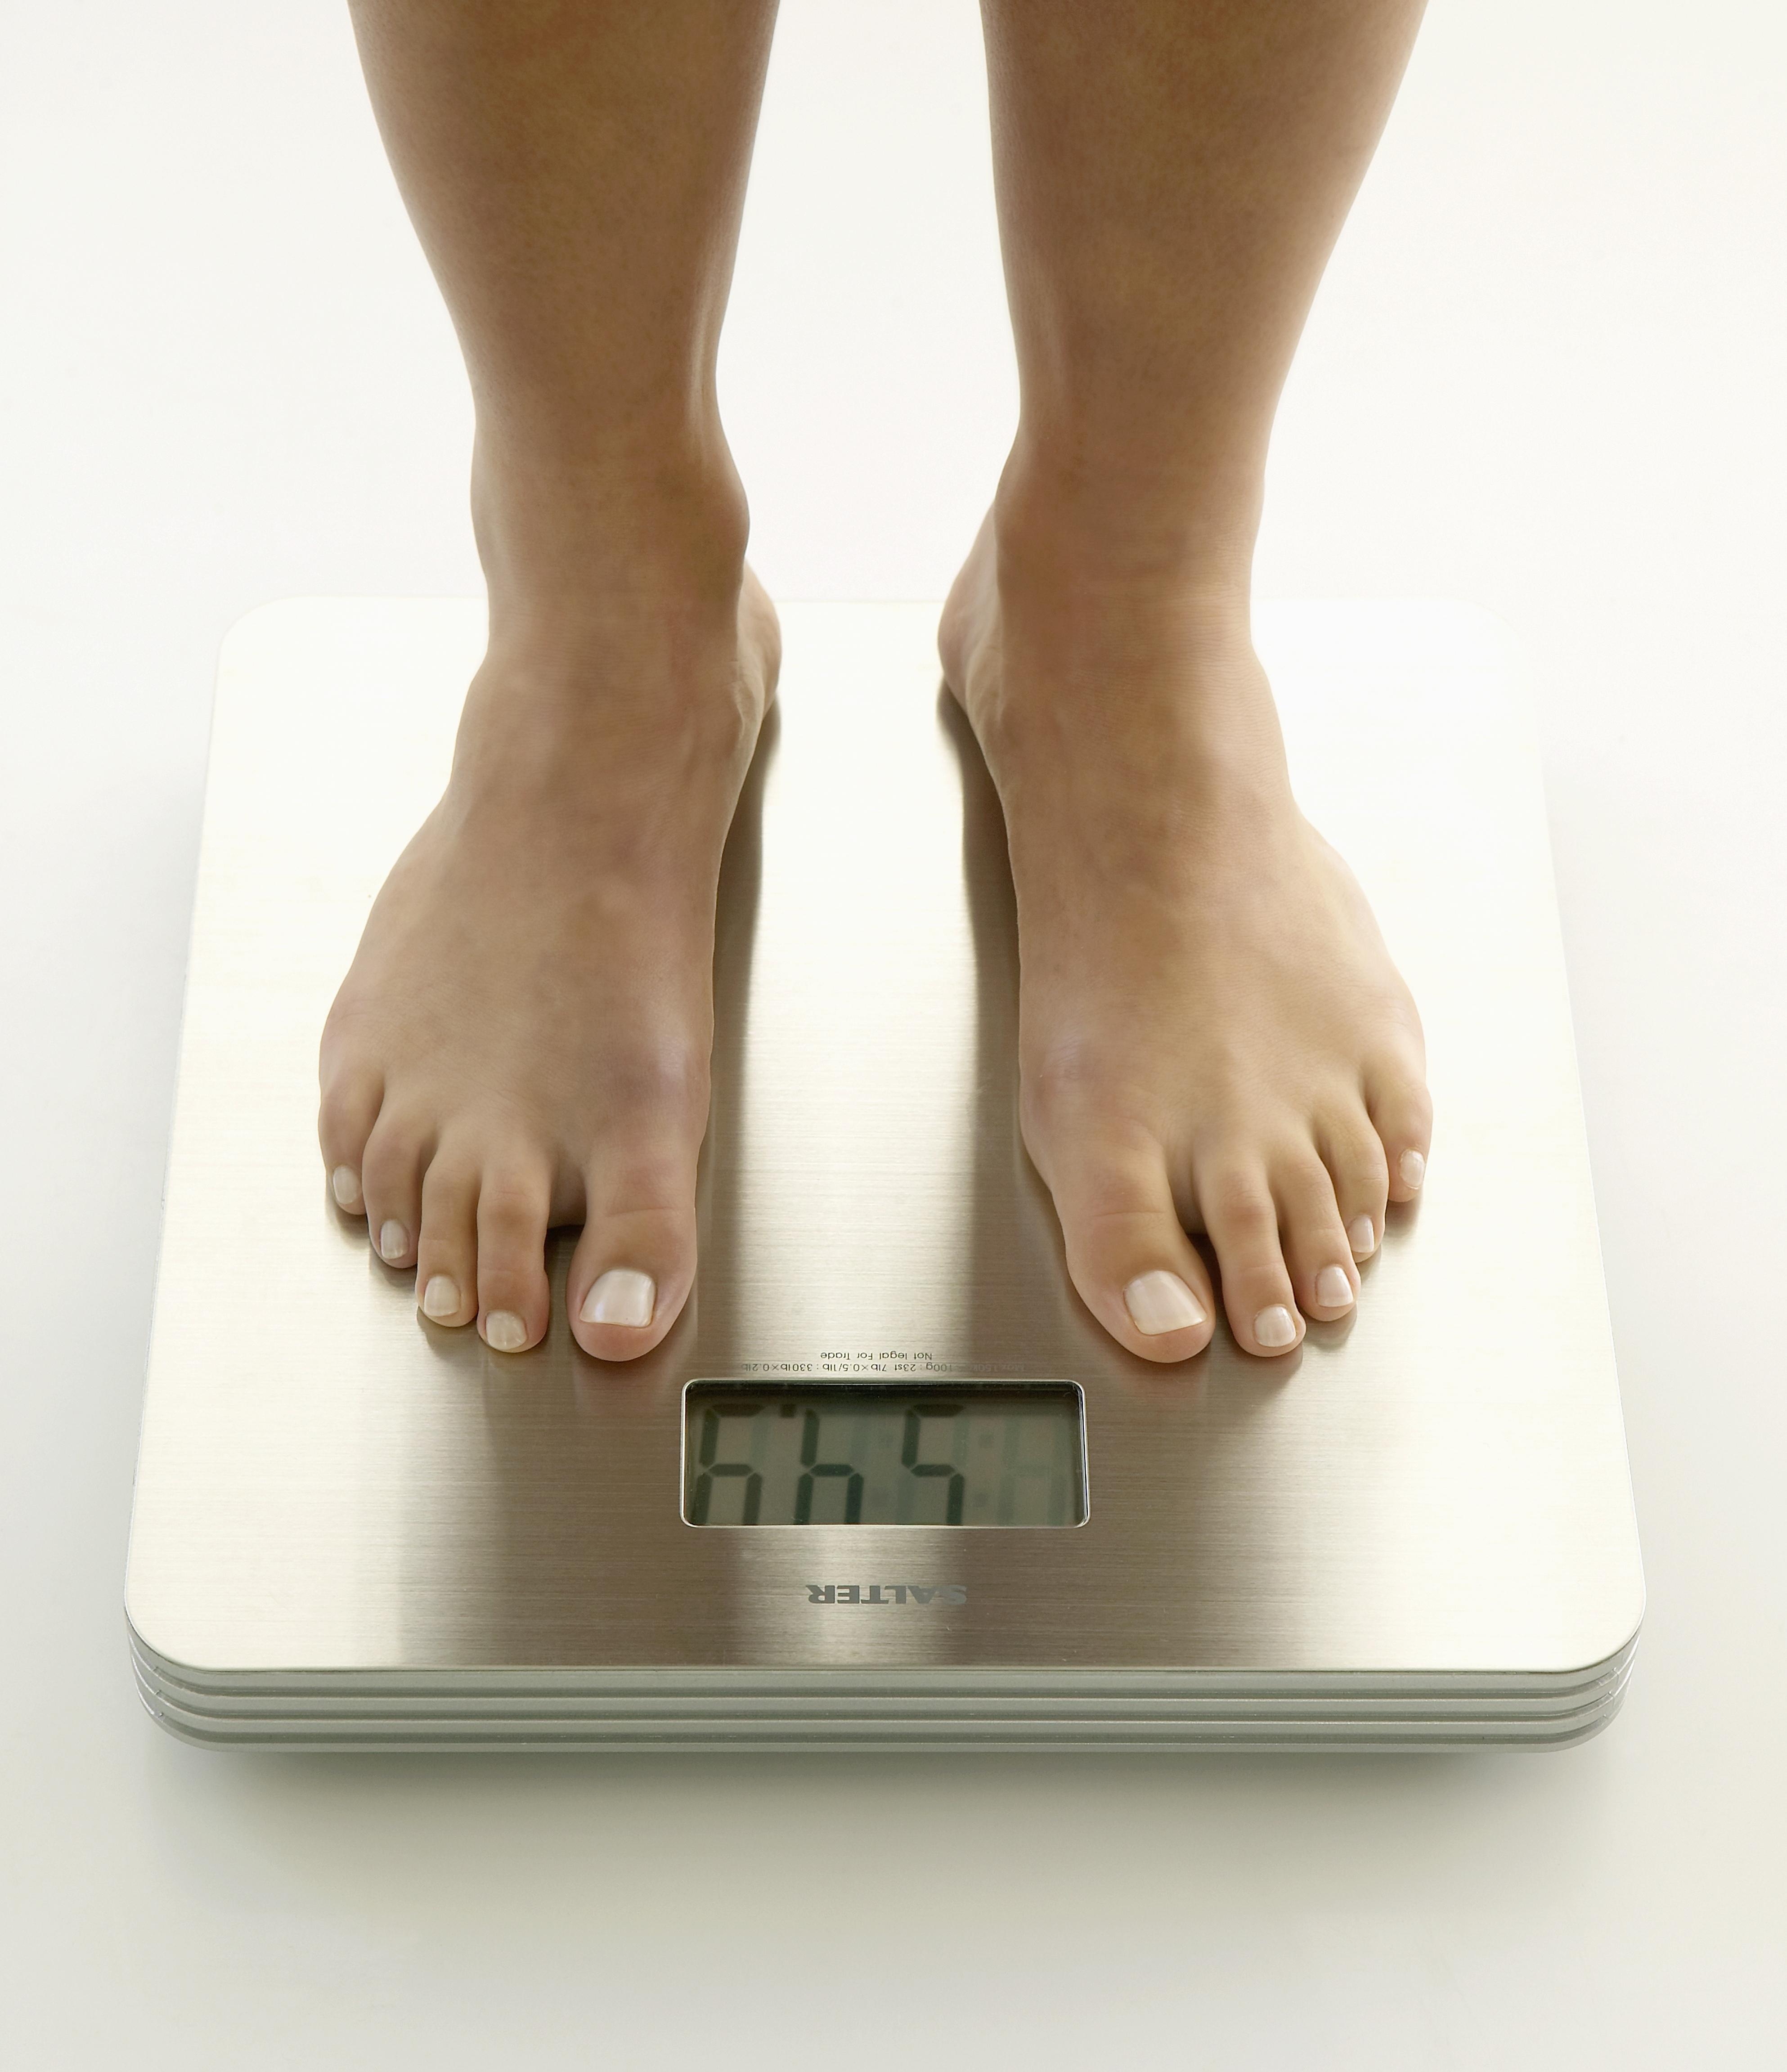 pierde in greutate corpul subtire mod eficient de a pierde in greutate